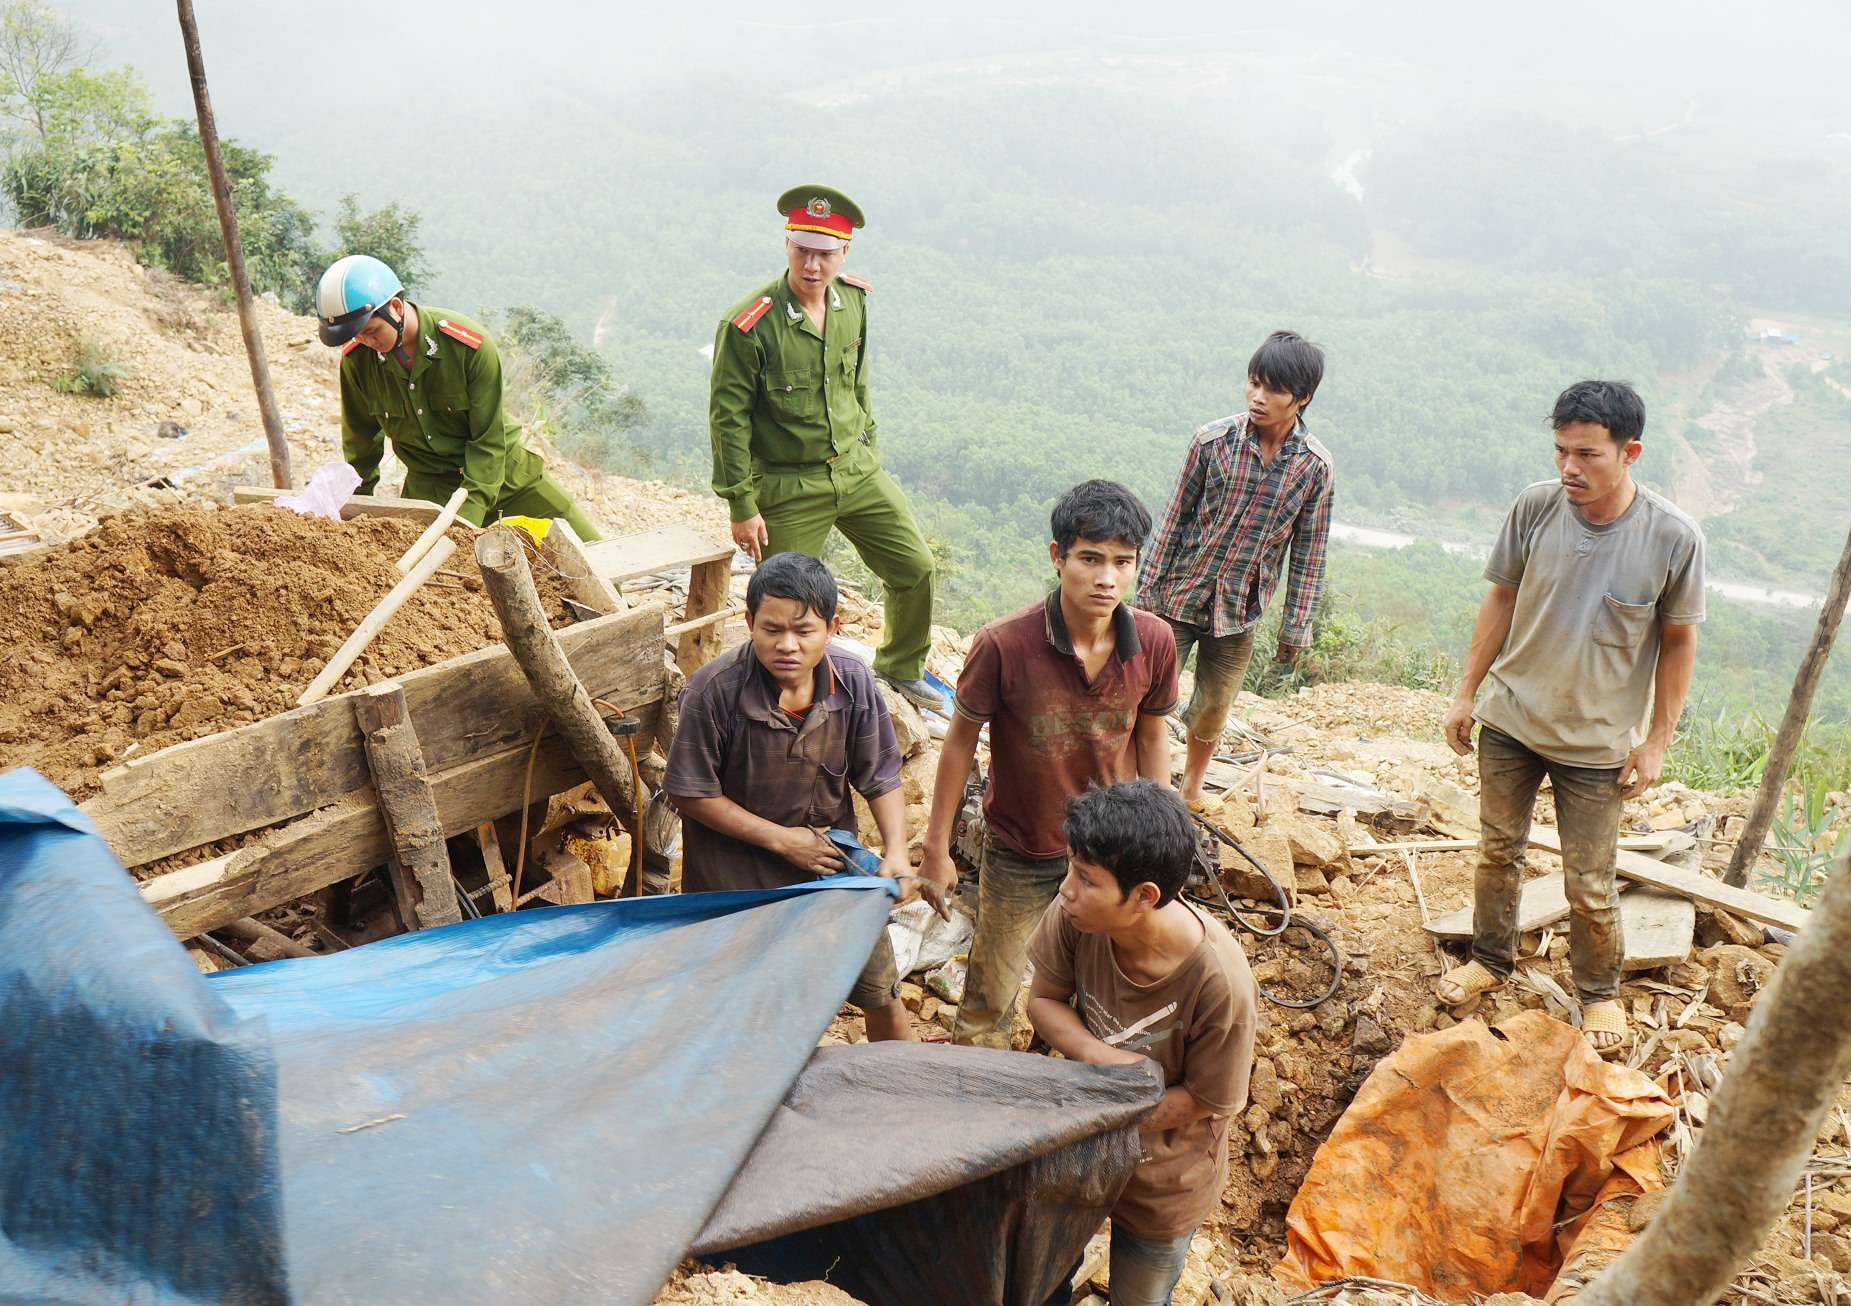 Một vị trí hoạt động của phu vàng ở Bồng Miêu bị công an đột kích bắt tại trận. Ảnh: T.H